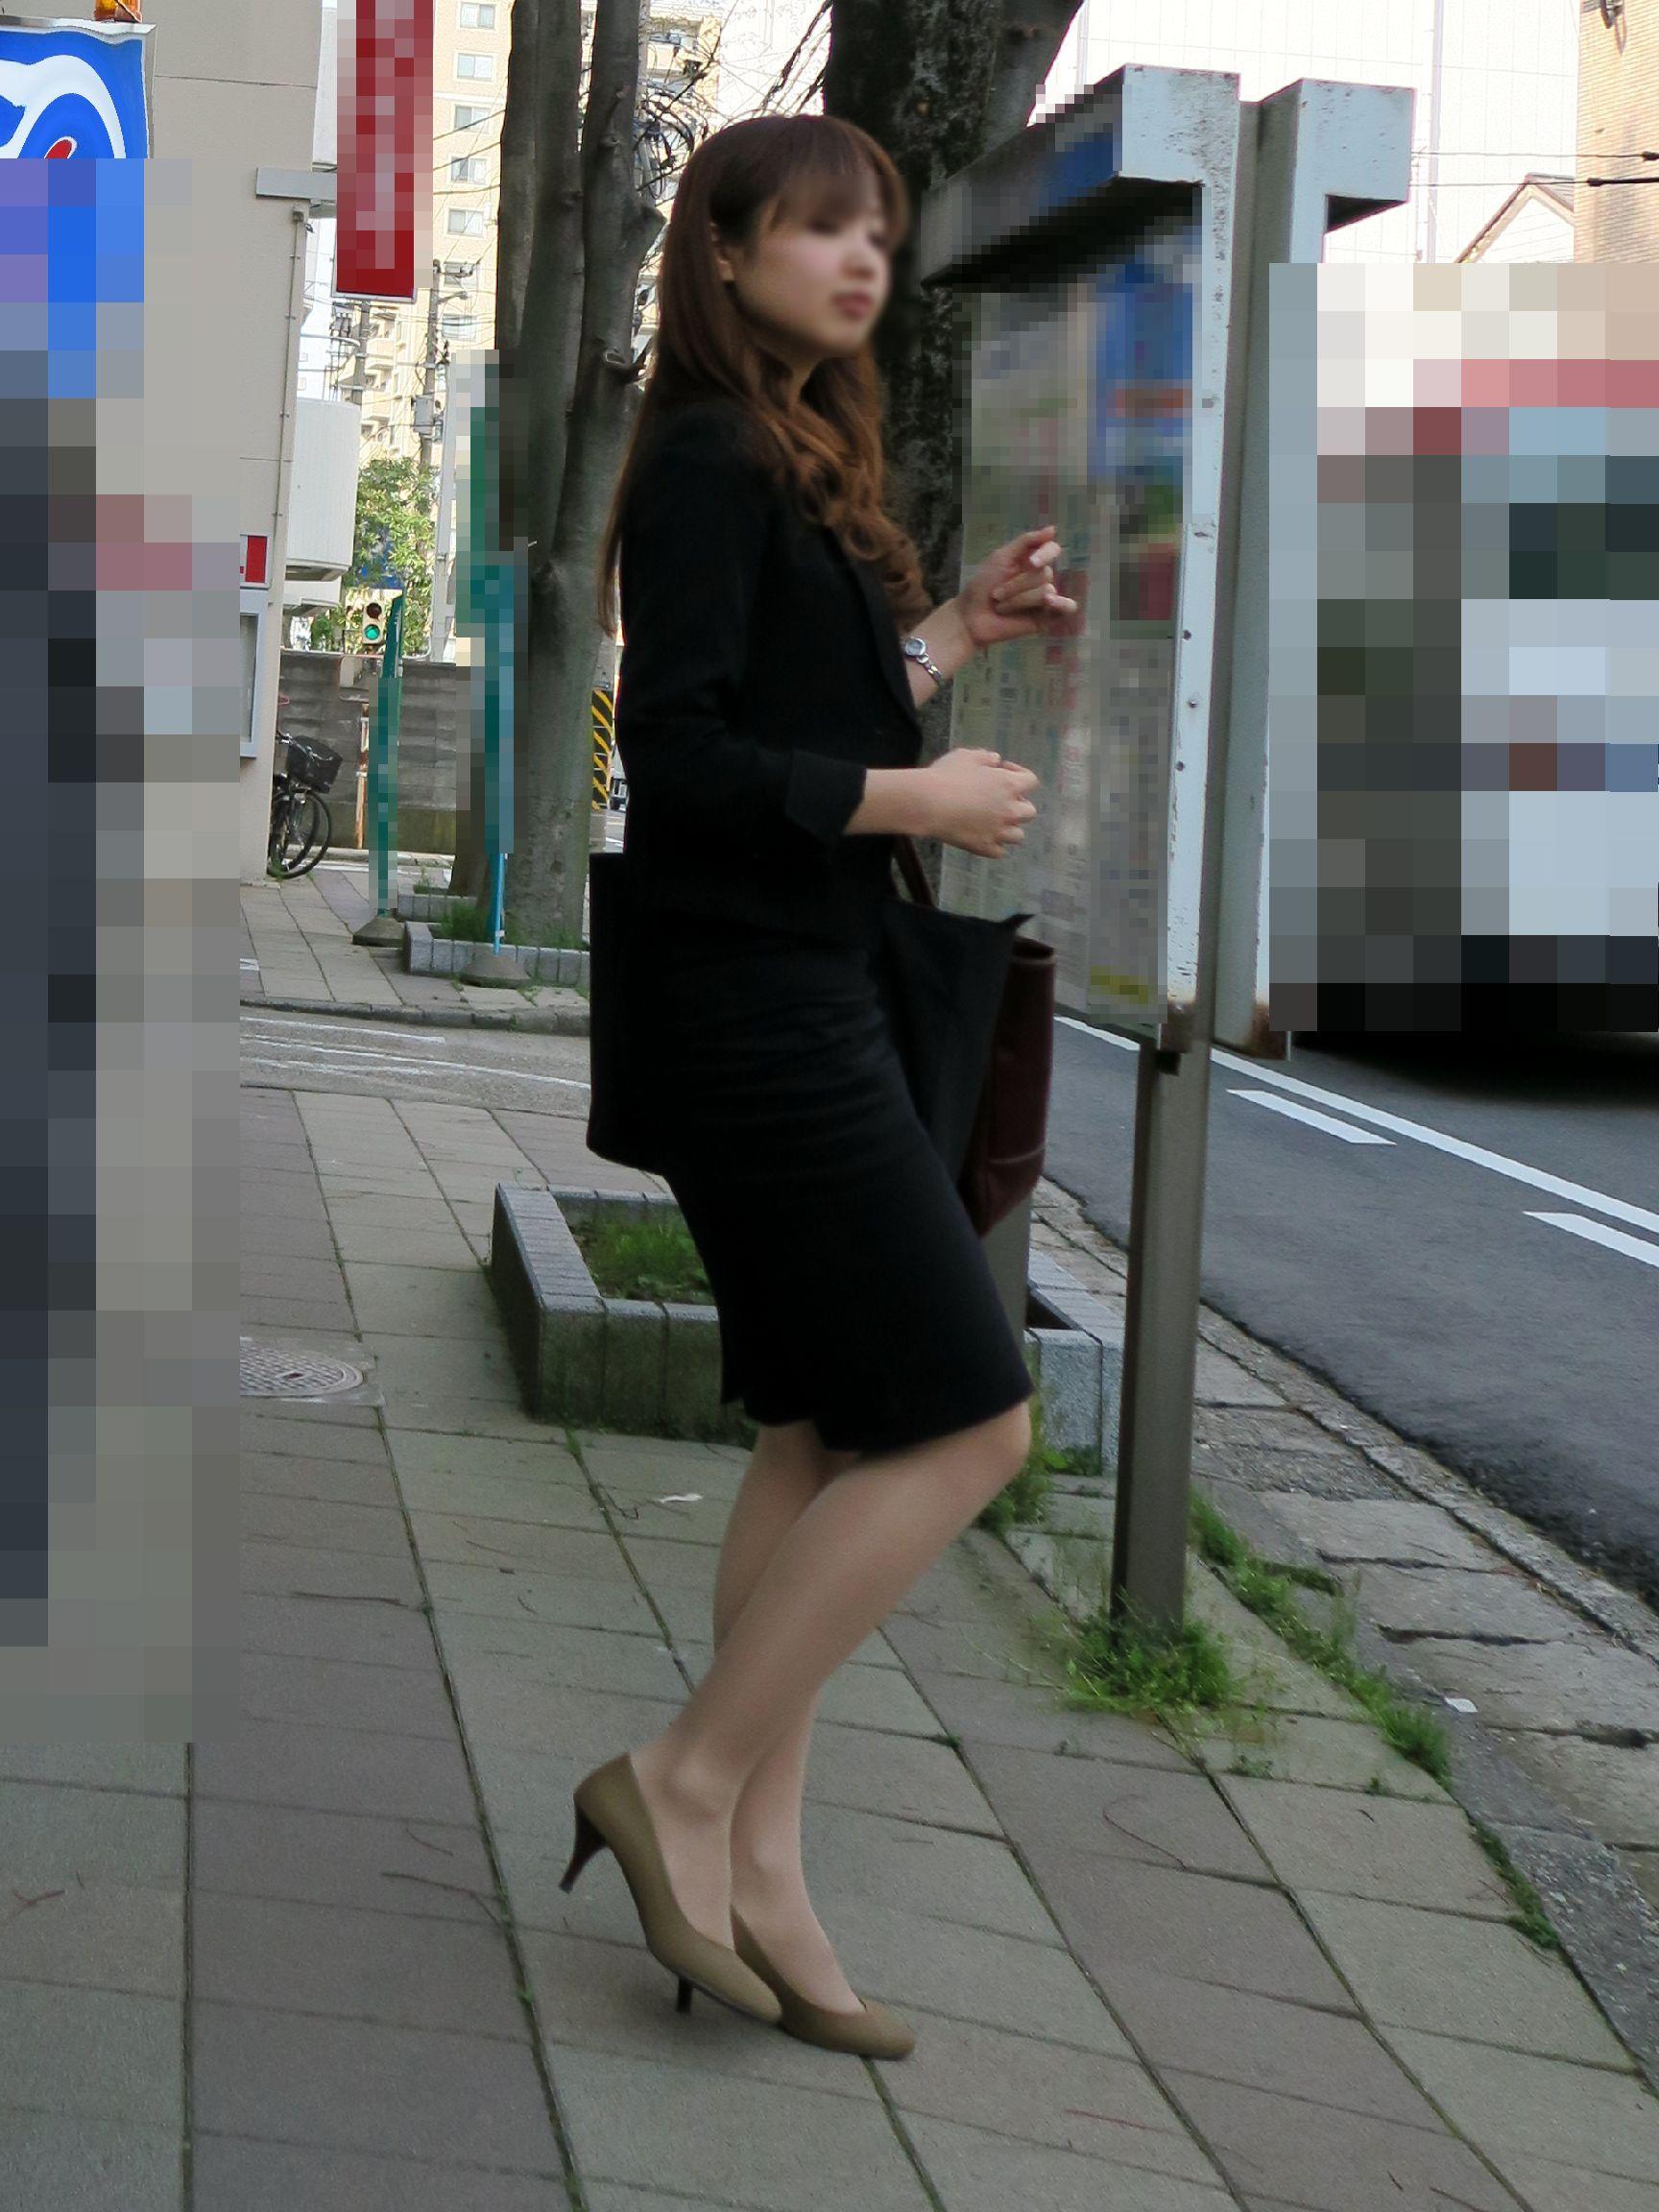 タイトスカートのお尻街撮り素人エロ画像18